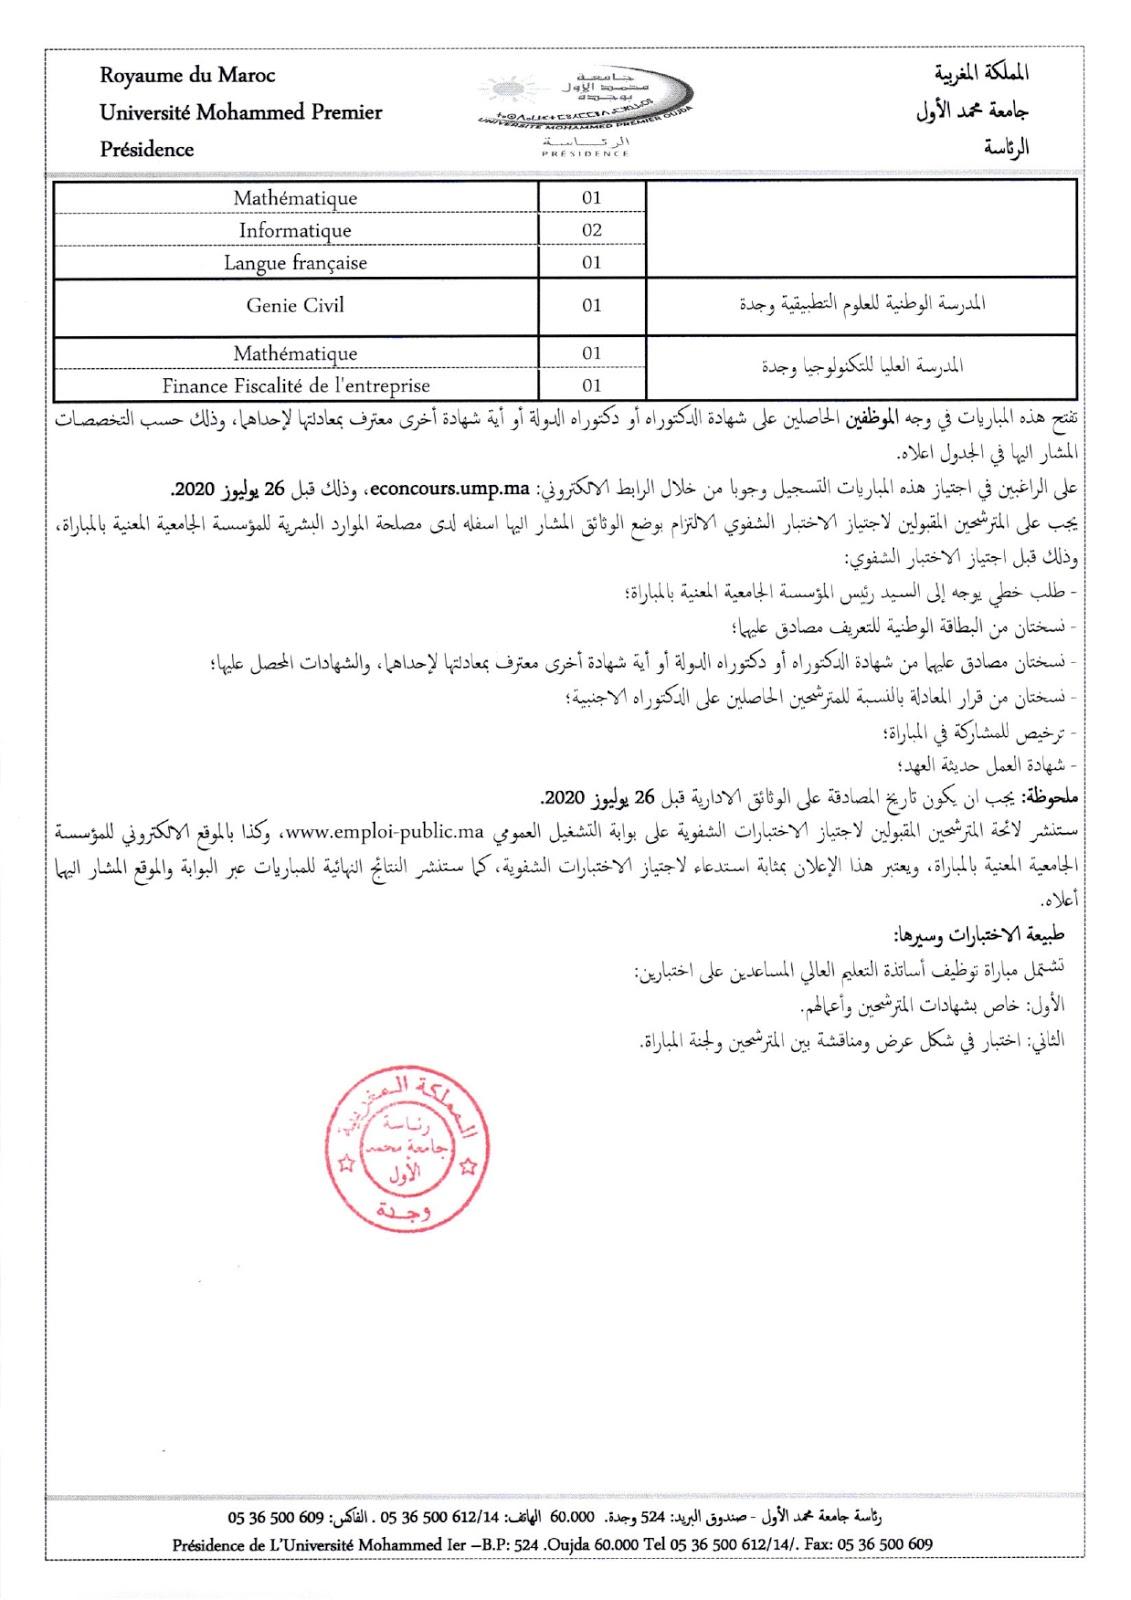 اعلان عن اجراء مباريات توظيف 53 اساتذ للتعليم العالي في عدة تخصصات بجامعة محمد الاول